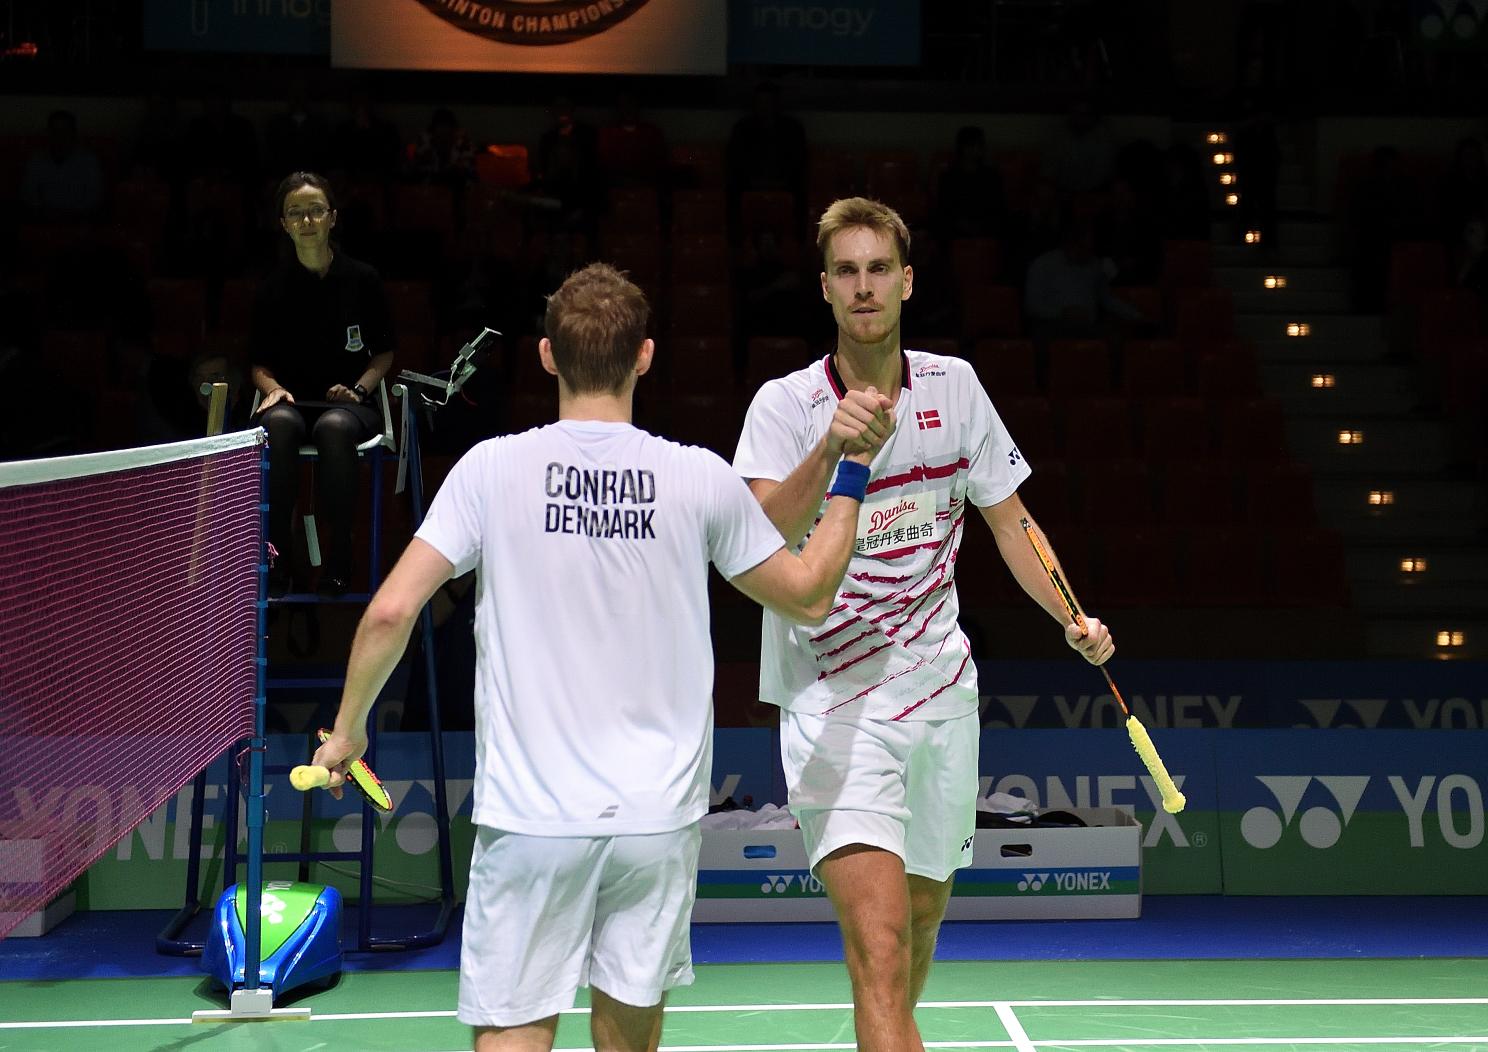 Die zweite dänische Paarung im Halbfinale des Herrendoppels: Mads Conrad-Petersen und Mads Pieler Kolding